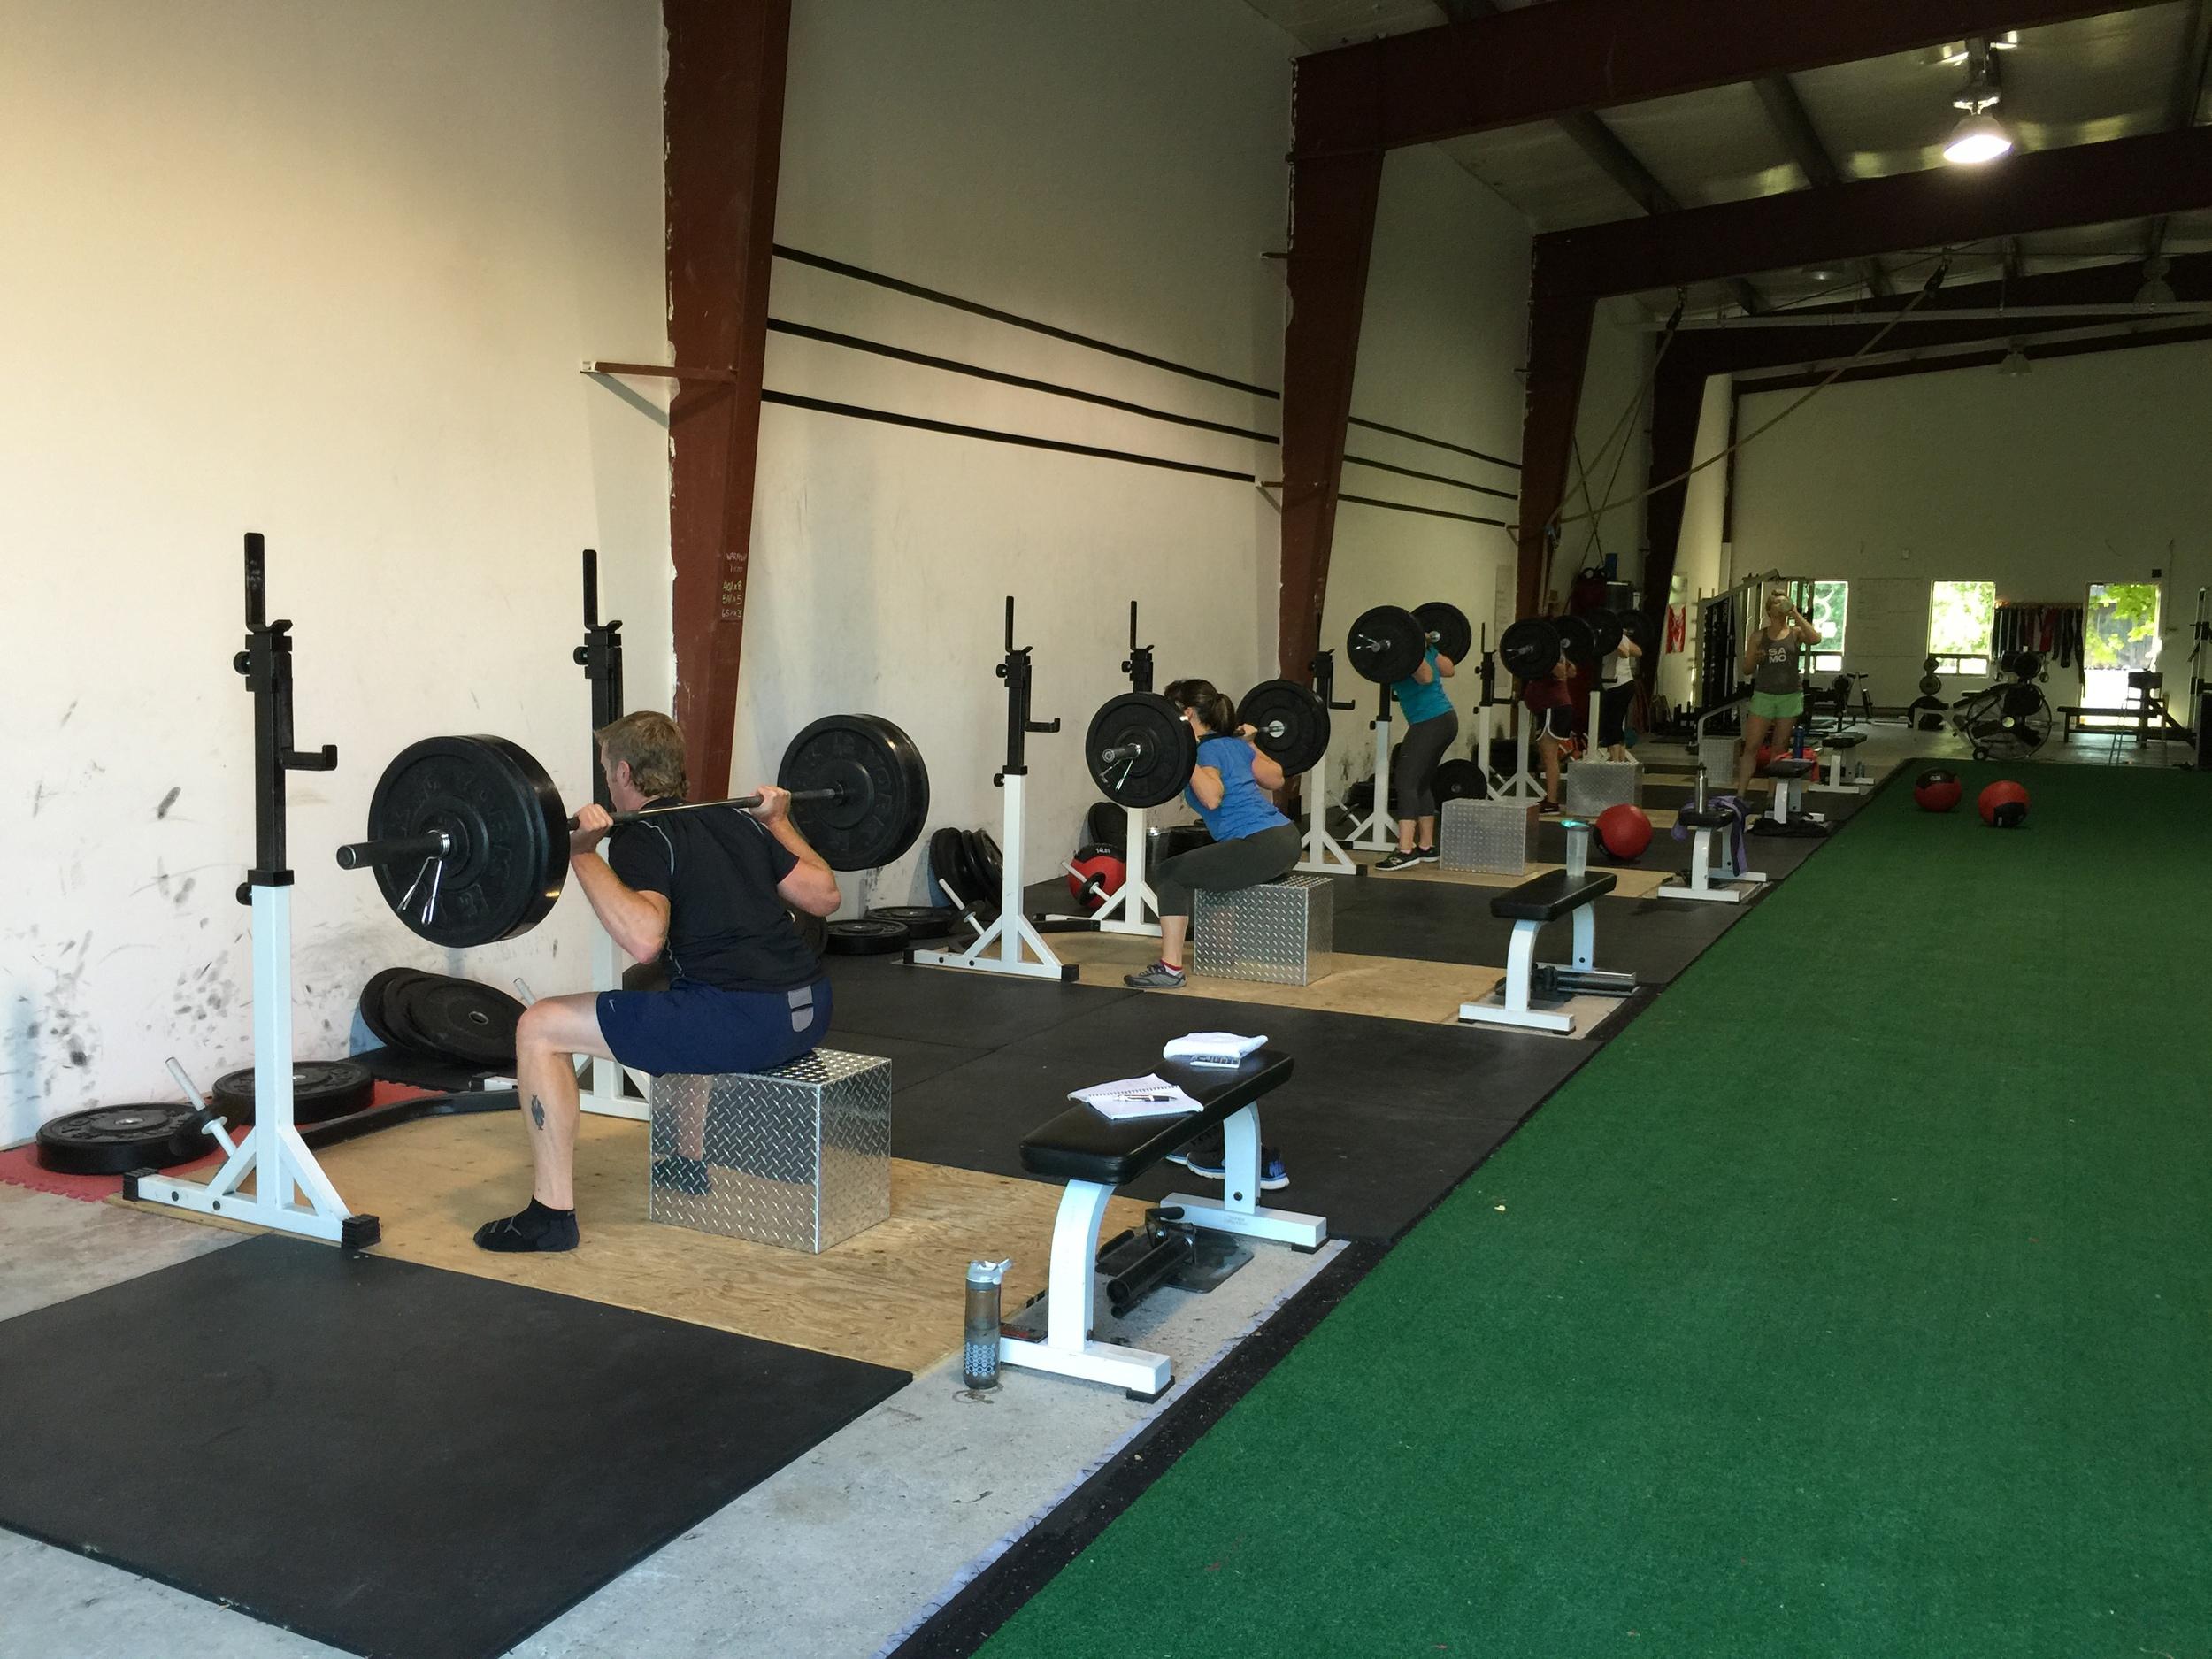 gym-fitness-training-kingston-box squat